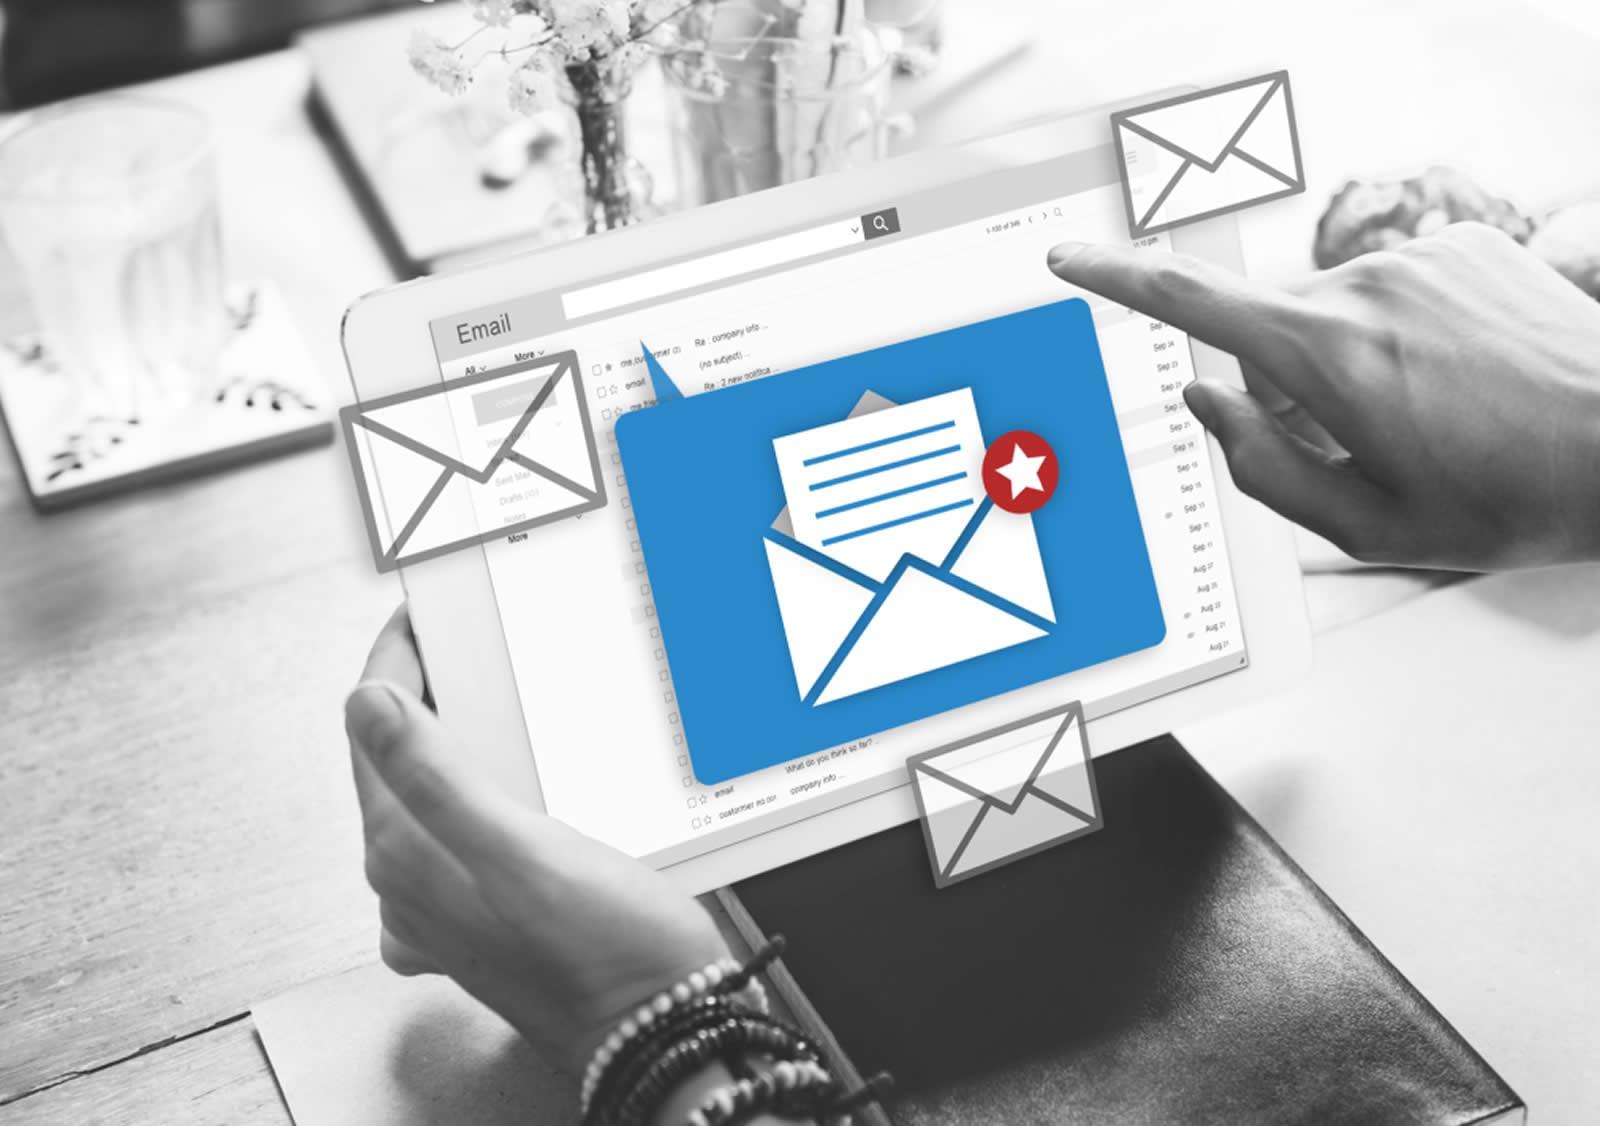 Agência de Criação - Belo Horizonte | Agência de Marketing Digital em BH - O que é E-mail Marketing?